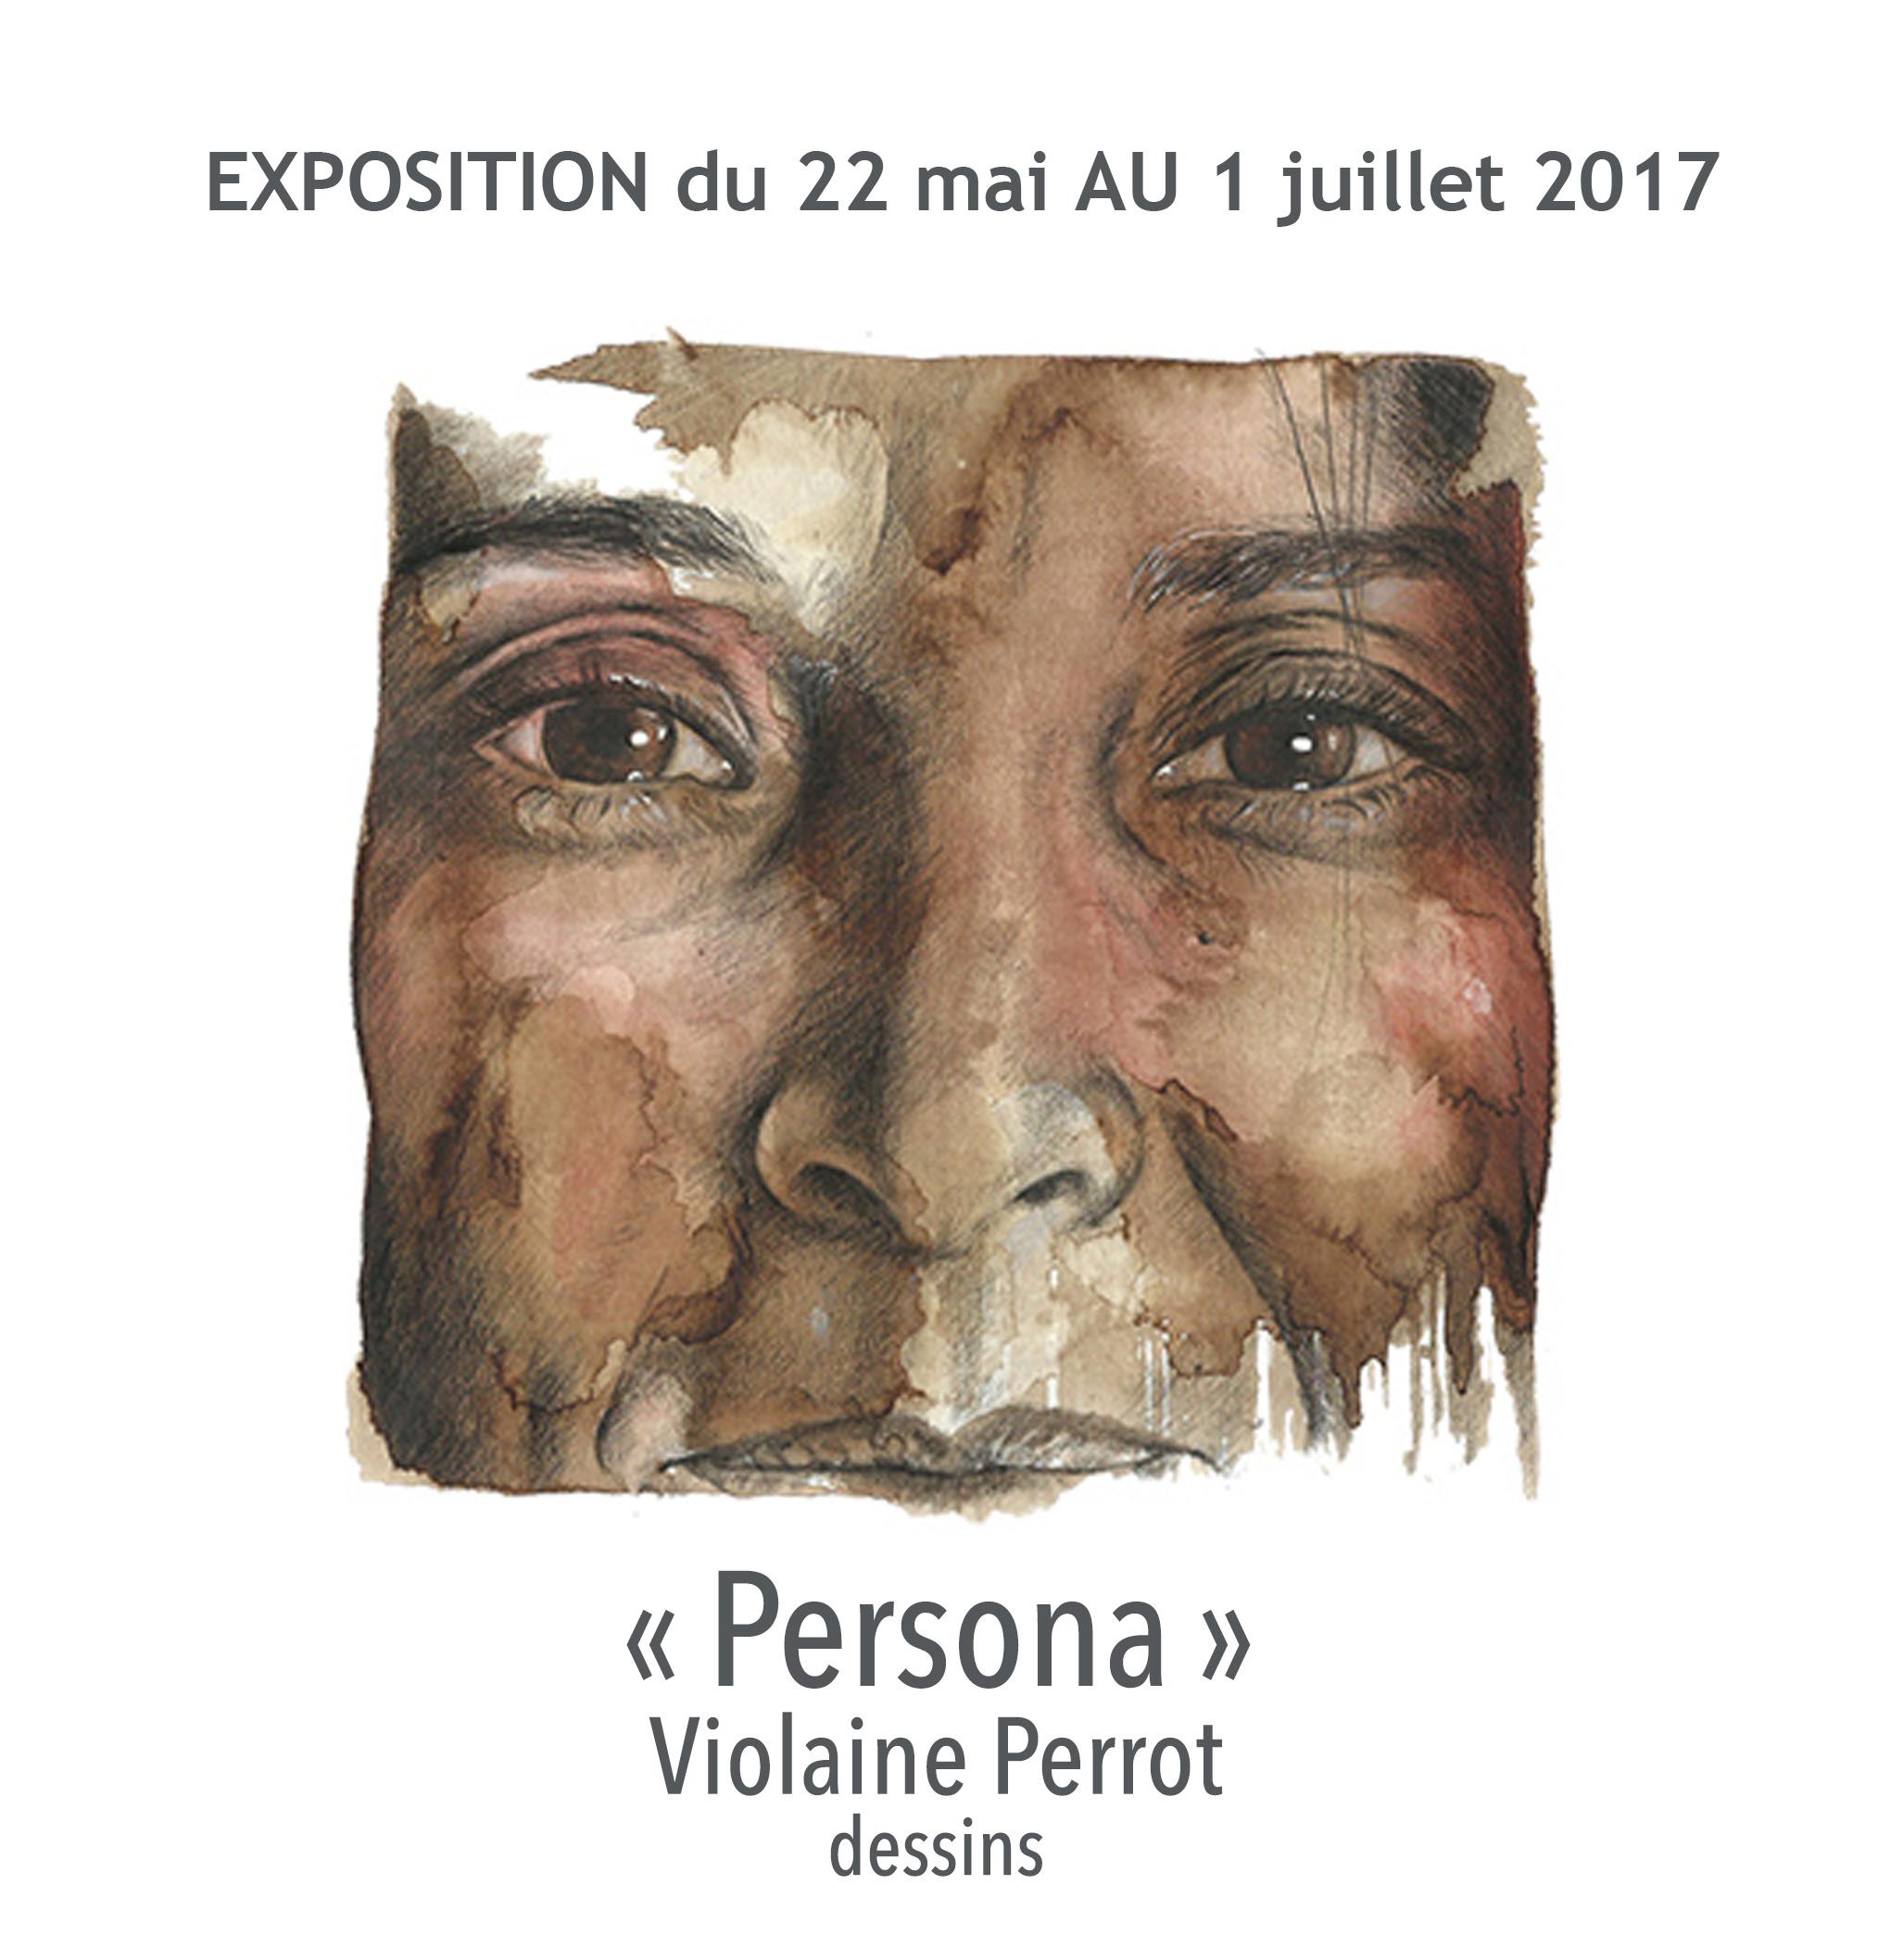 Violaine Perrot